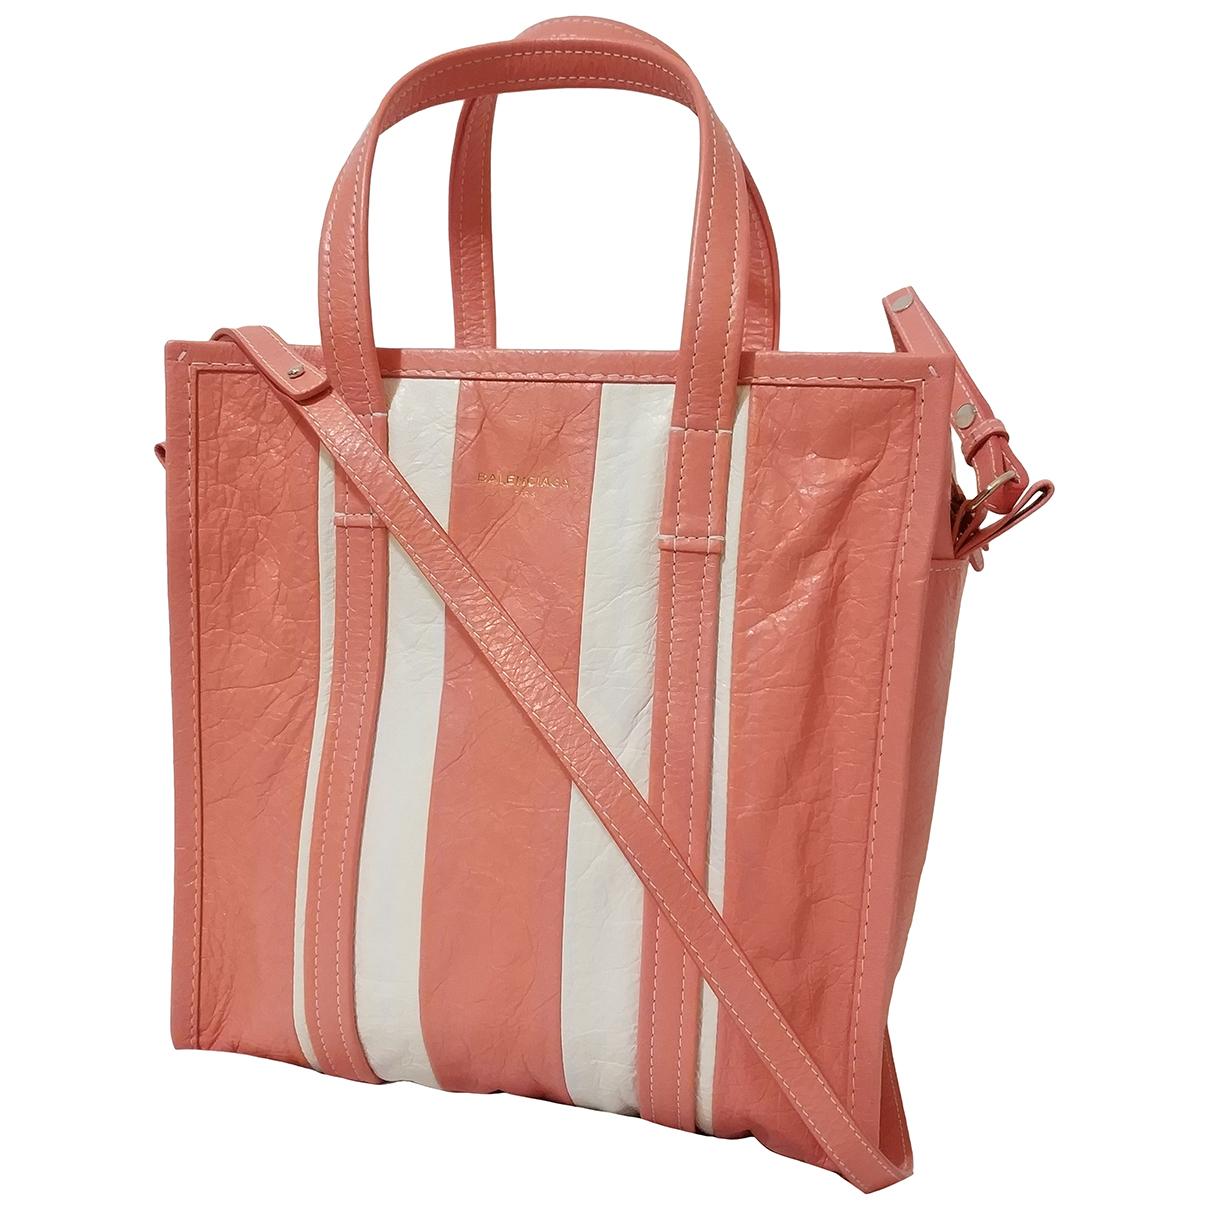 Balenciaga - Sac a main Bazar Bag pour femme en cuir - rouge